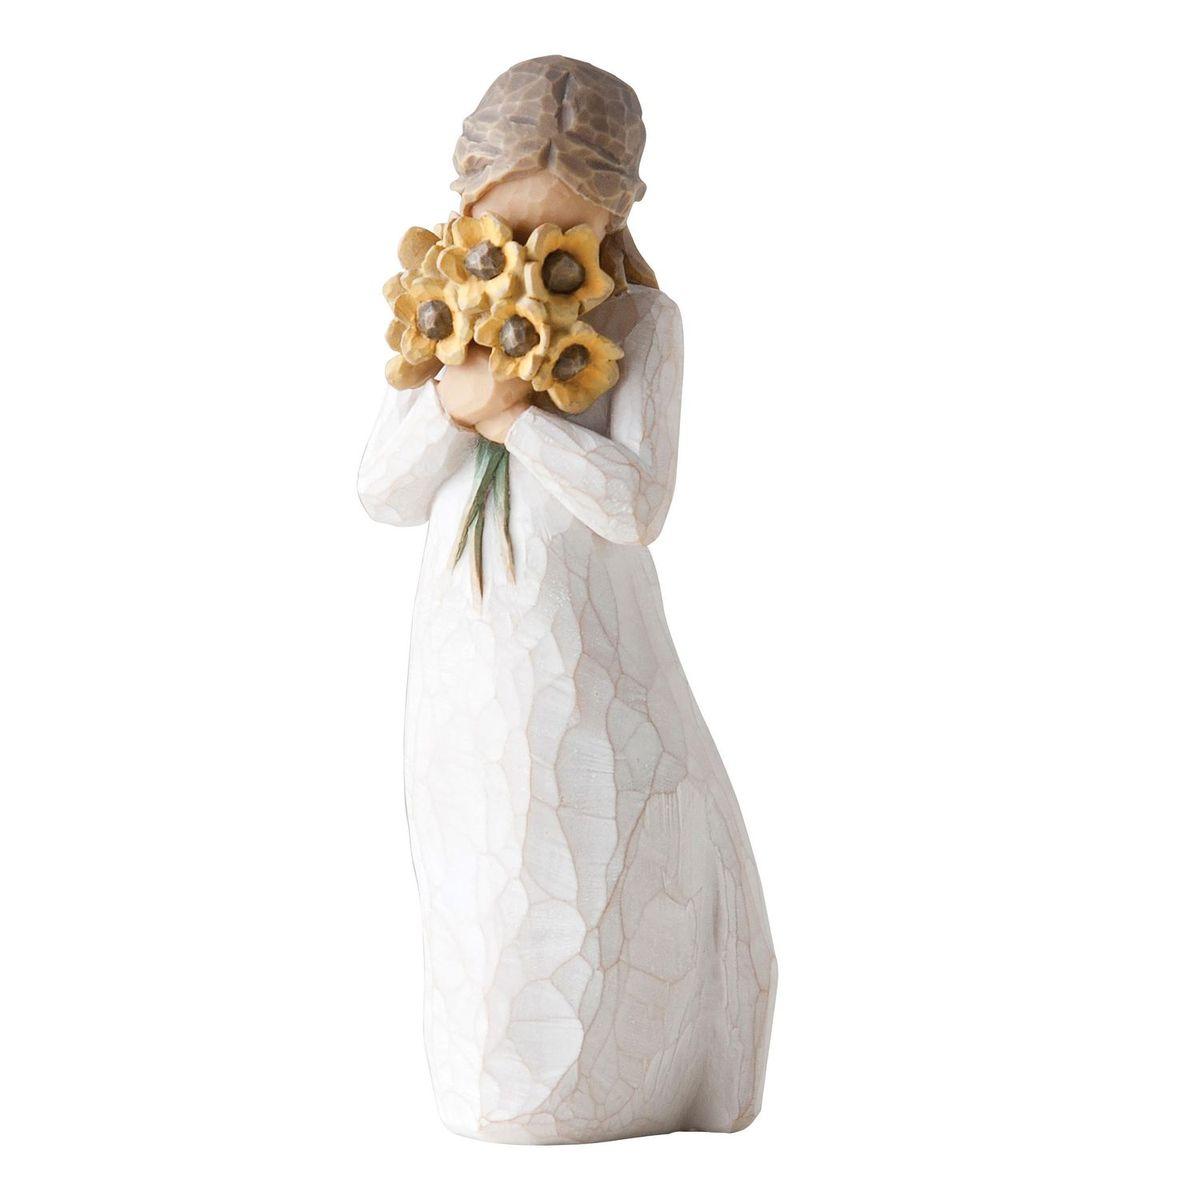 Фигурка декоративная Willow Tree Теплые объятия, высота 14 см27250Декоративная фигурка Willow Tree создана канадским скульптором Сьюзан Лорди. Фигурка выполнена из искусственного камня (49% карбонат кальция мелкозернистой разновидности, 51% искусственный камень).Фигурка Willow Tree – это настоящее произведение искусства, образная скульптура в миниатюре, изображающая эмоции и чувства, которые помогают чувствовать себя ближе к другим, верить в мечту, выражать любовь.Фигурка помещена в красивую упаковку.Купить такой оригинальный подарок, значит не только украсить интерьер помещения или жилой комнаты, но выразить свое глубокое отношение к любимому человеку. Этот прекрасный сувенир будет лучшим подарком на день ангела, именины, день рождения, юбилей.